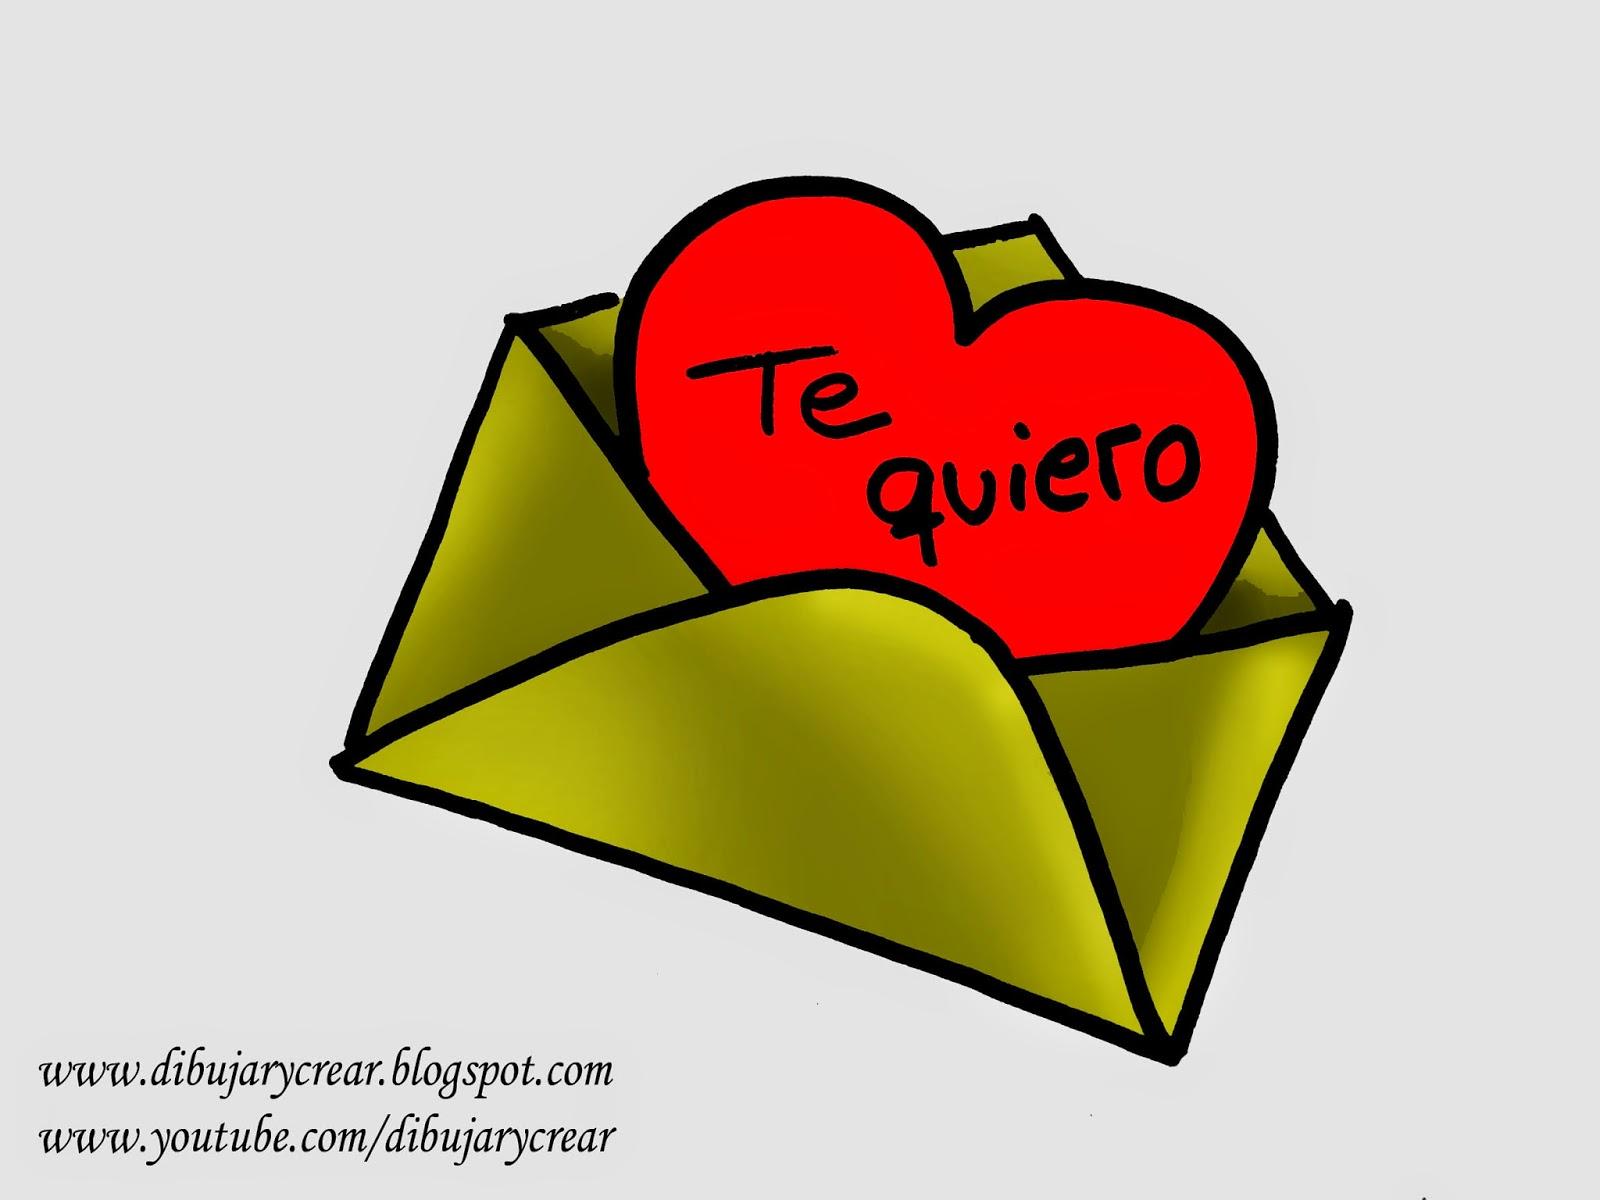 San Valentin Dibujos En Color: Dibujar Y Crear: Como Dibujar Una Carta De Amor (Especial